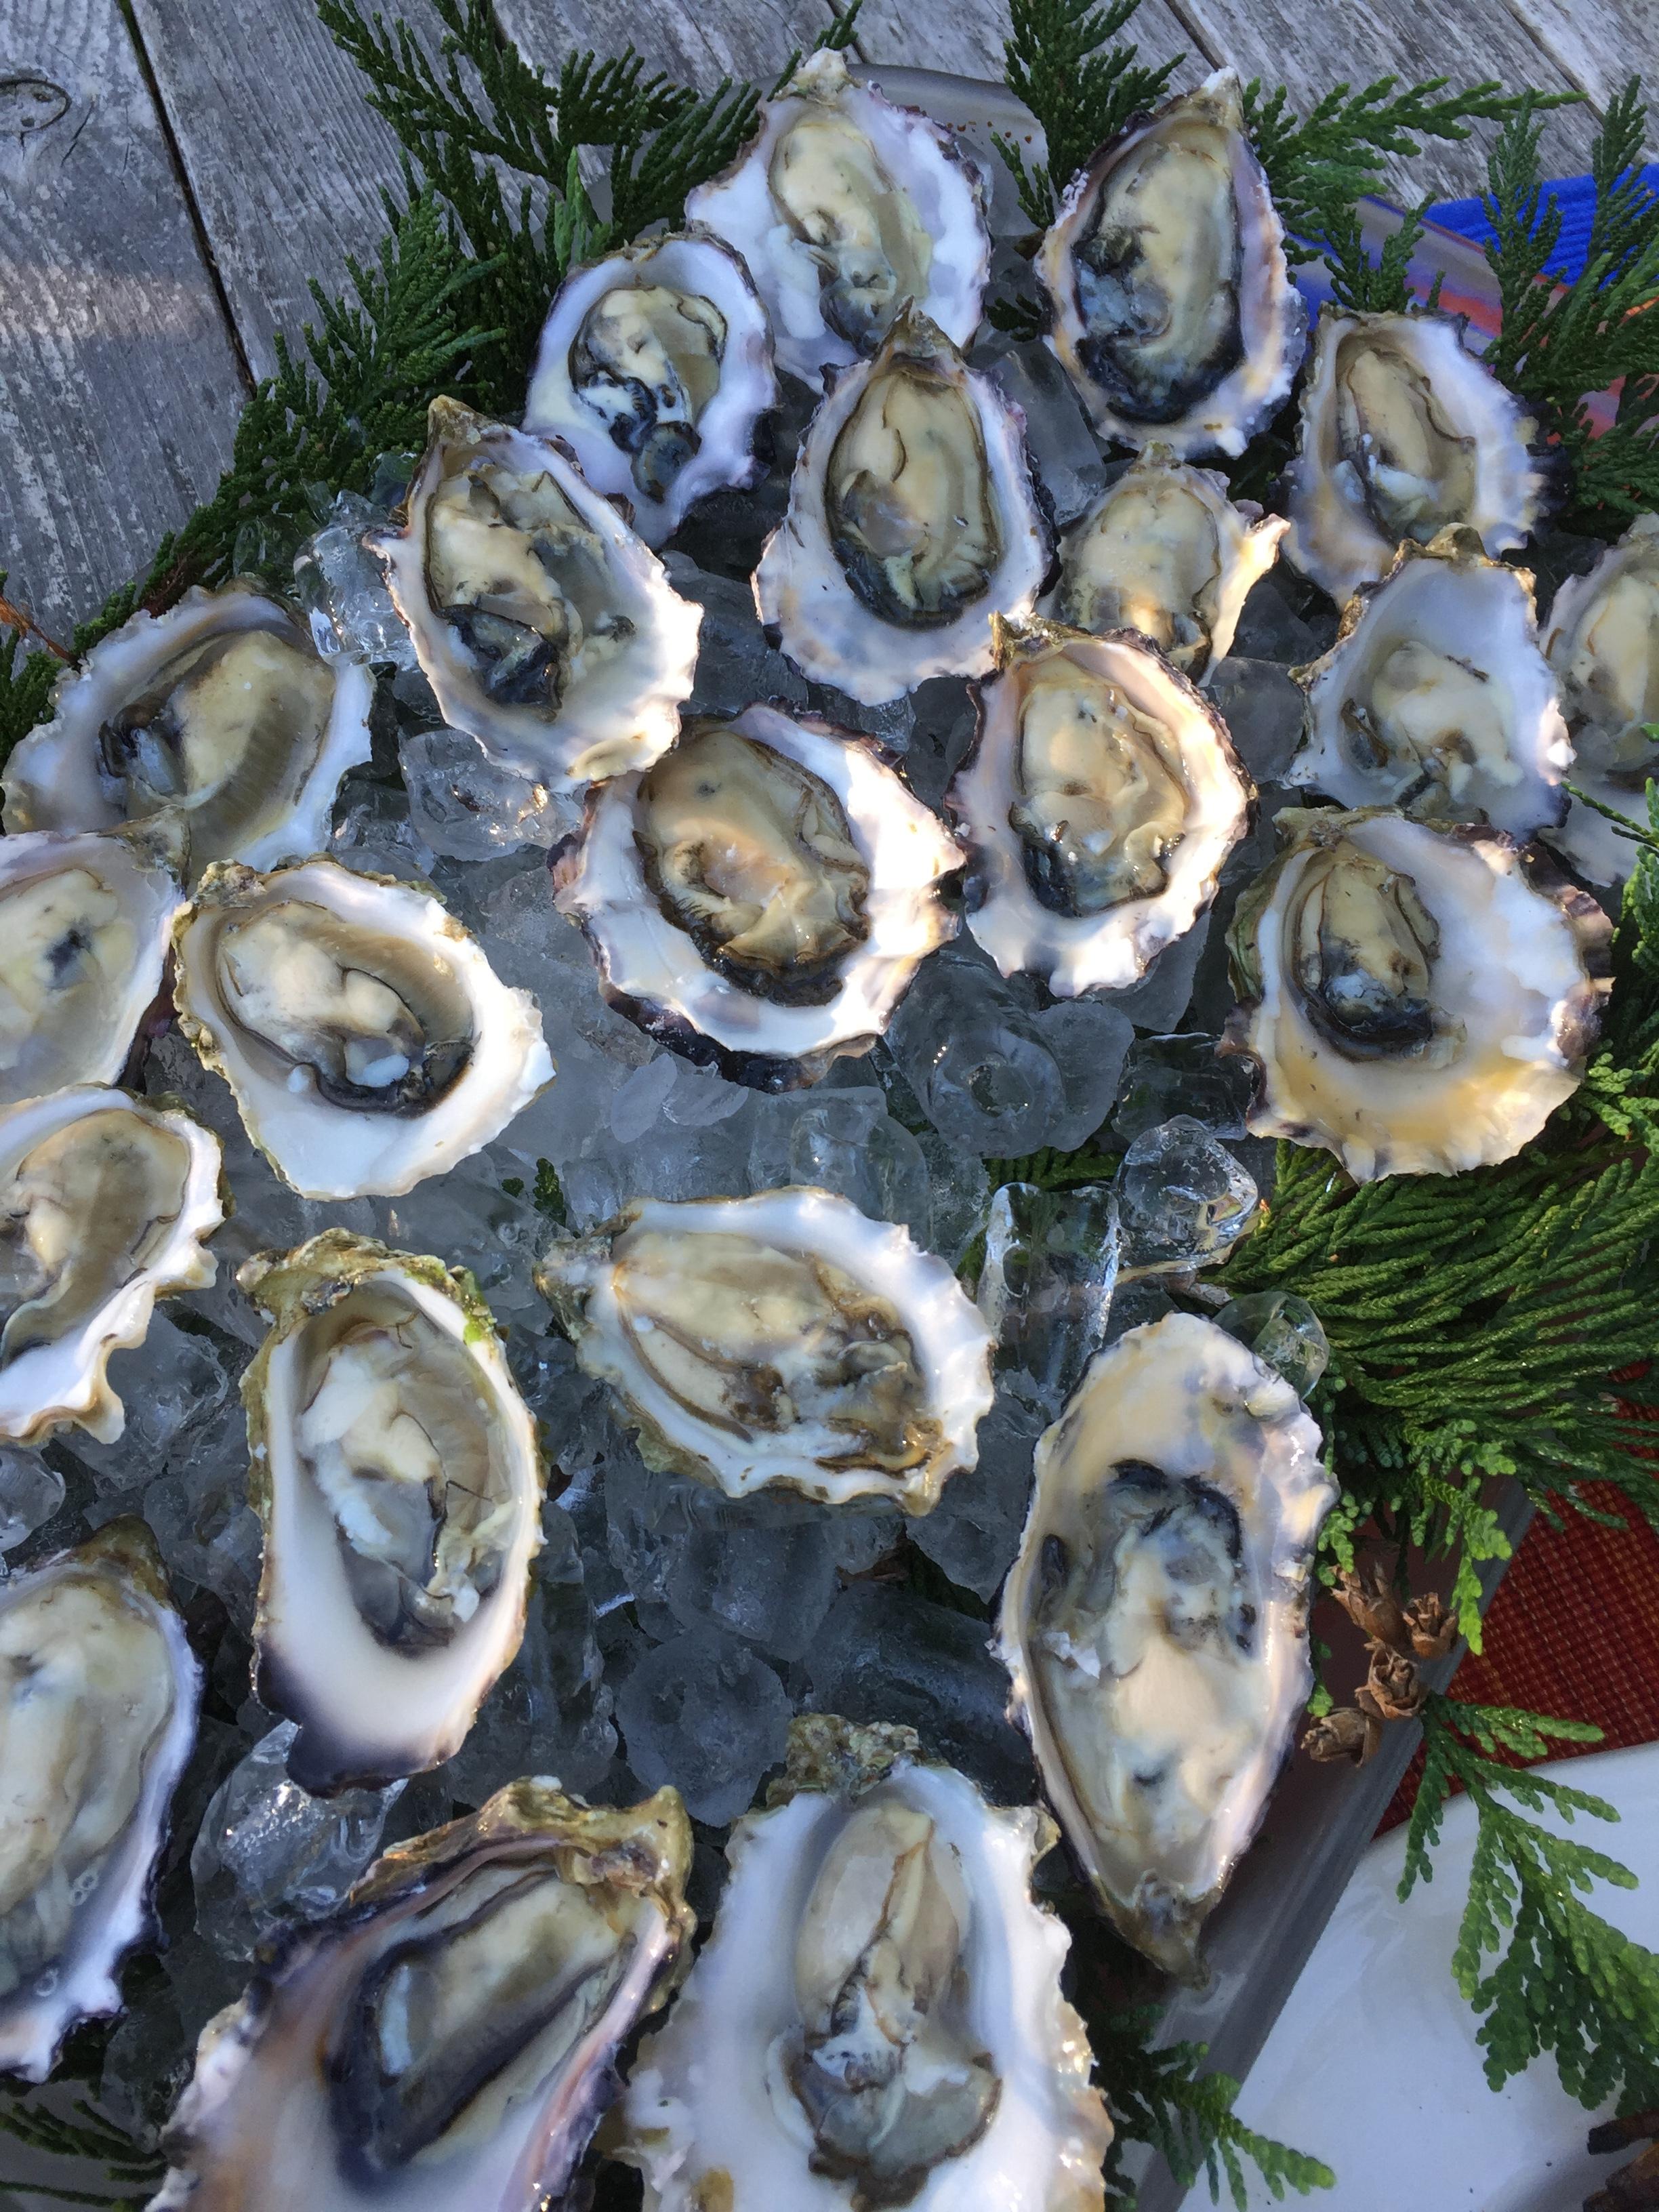 Buck Bay Shellfish Farm Oysters